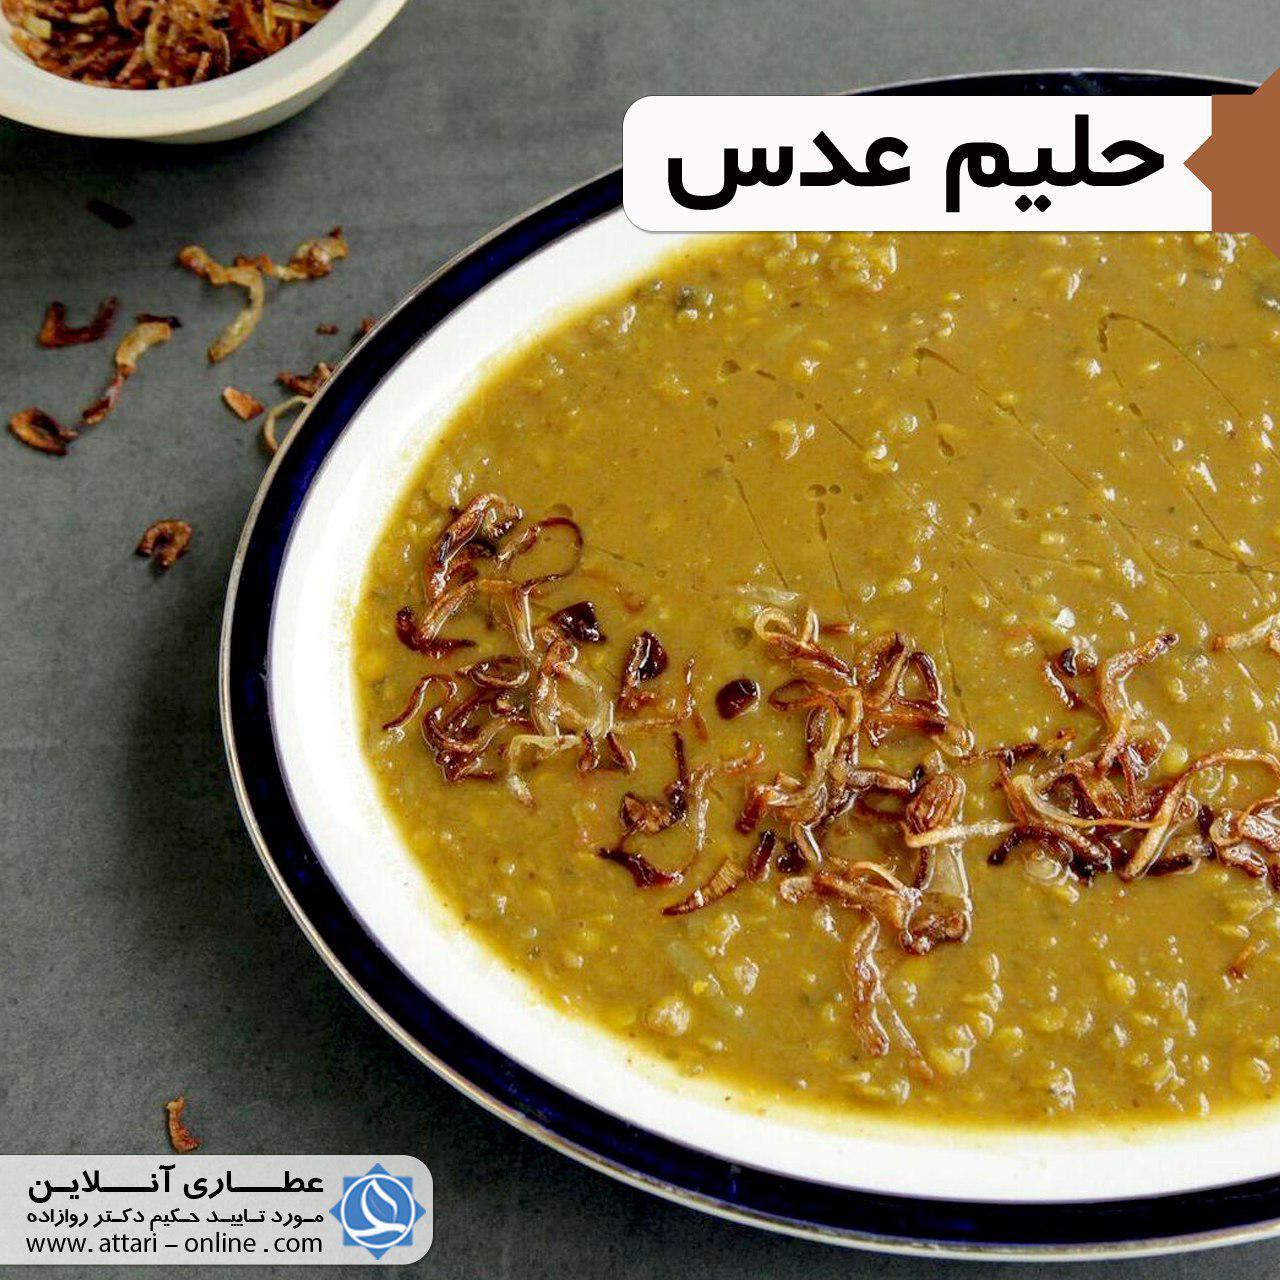 photo 2019 01 06 16 35 58 حلیم عدس